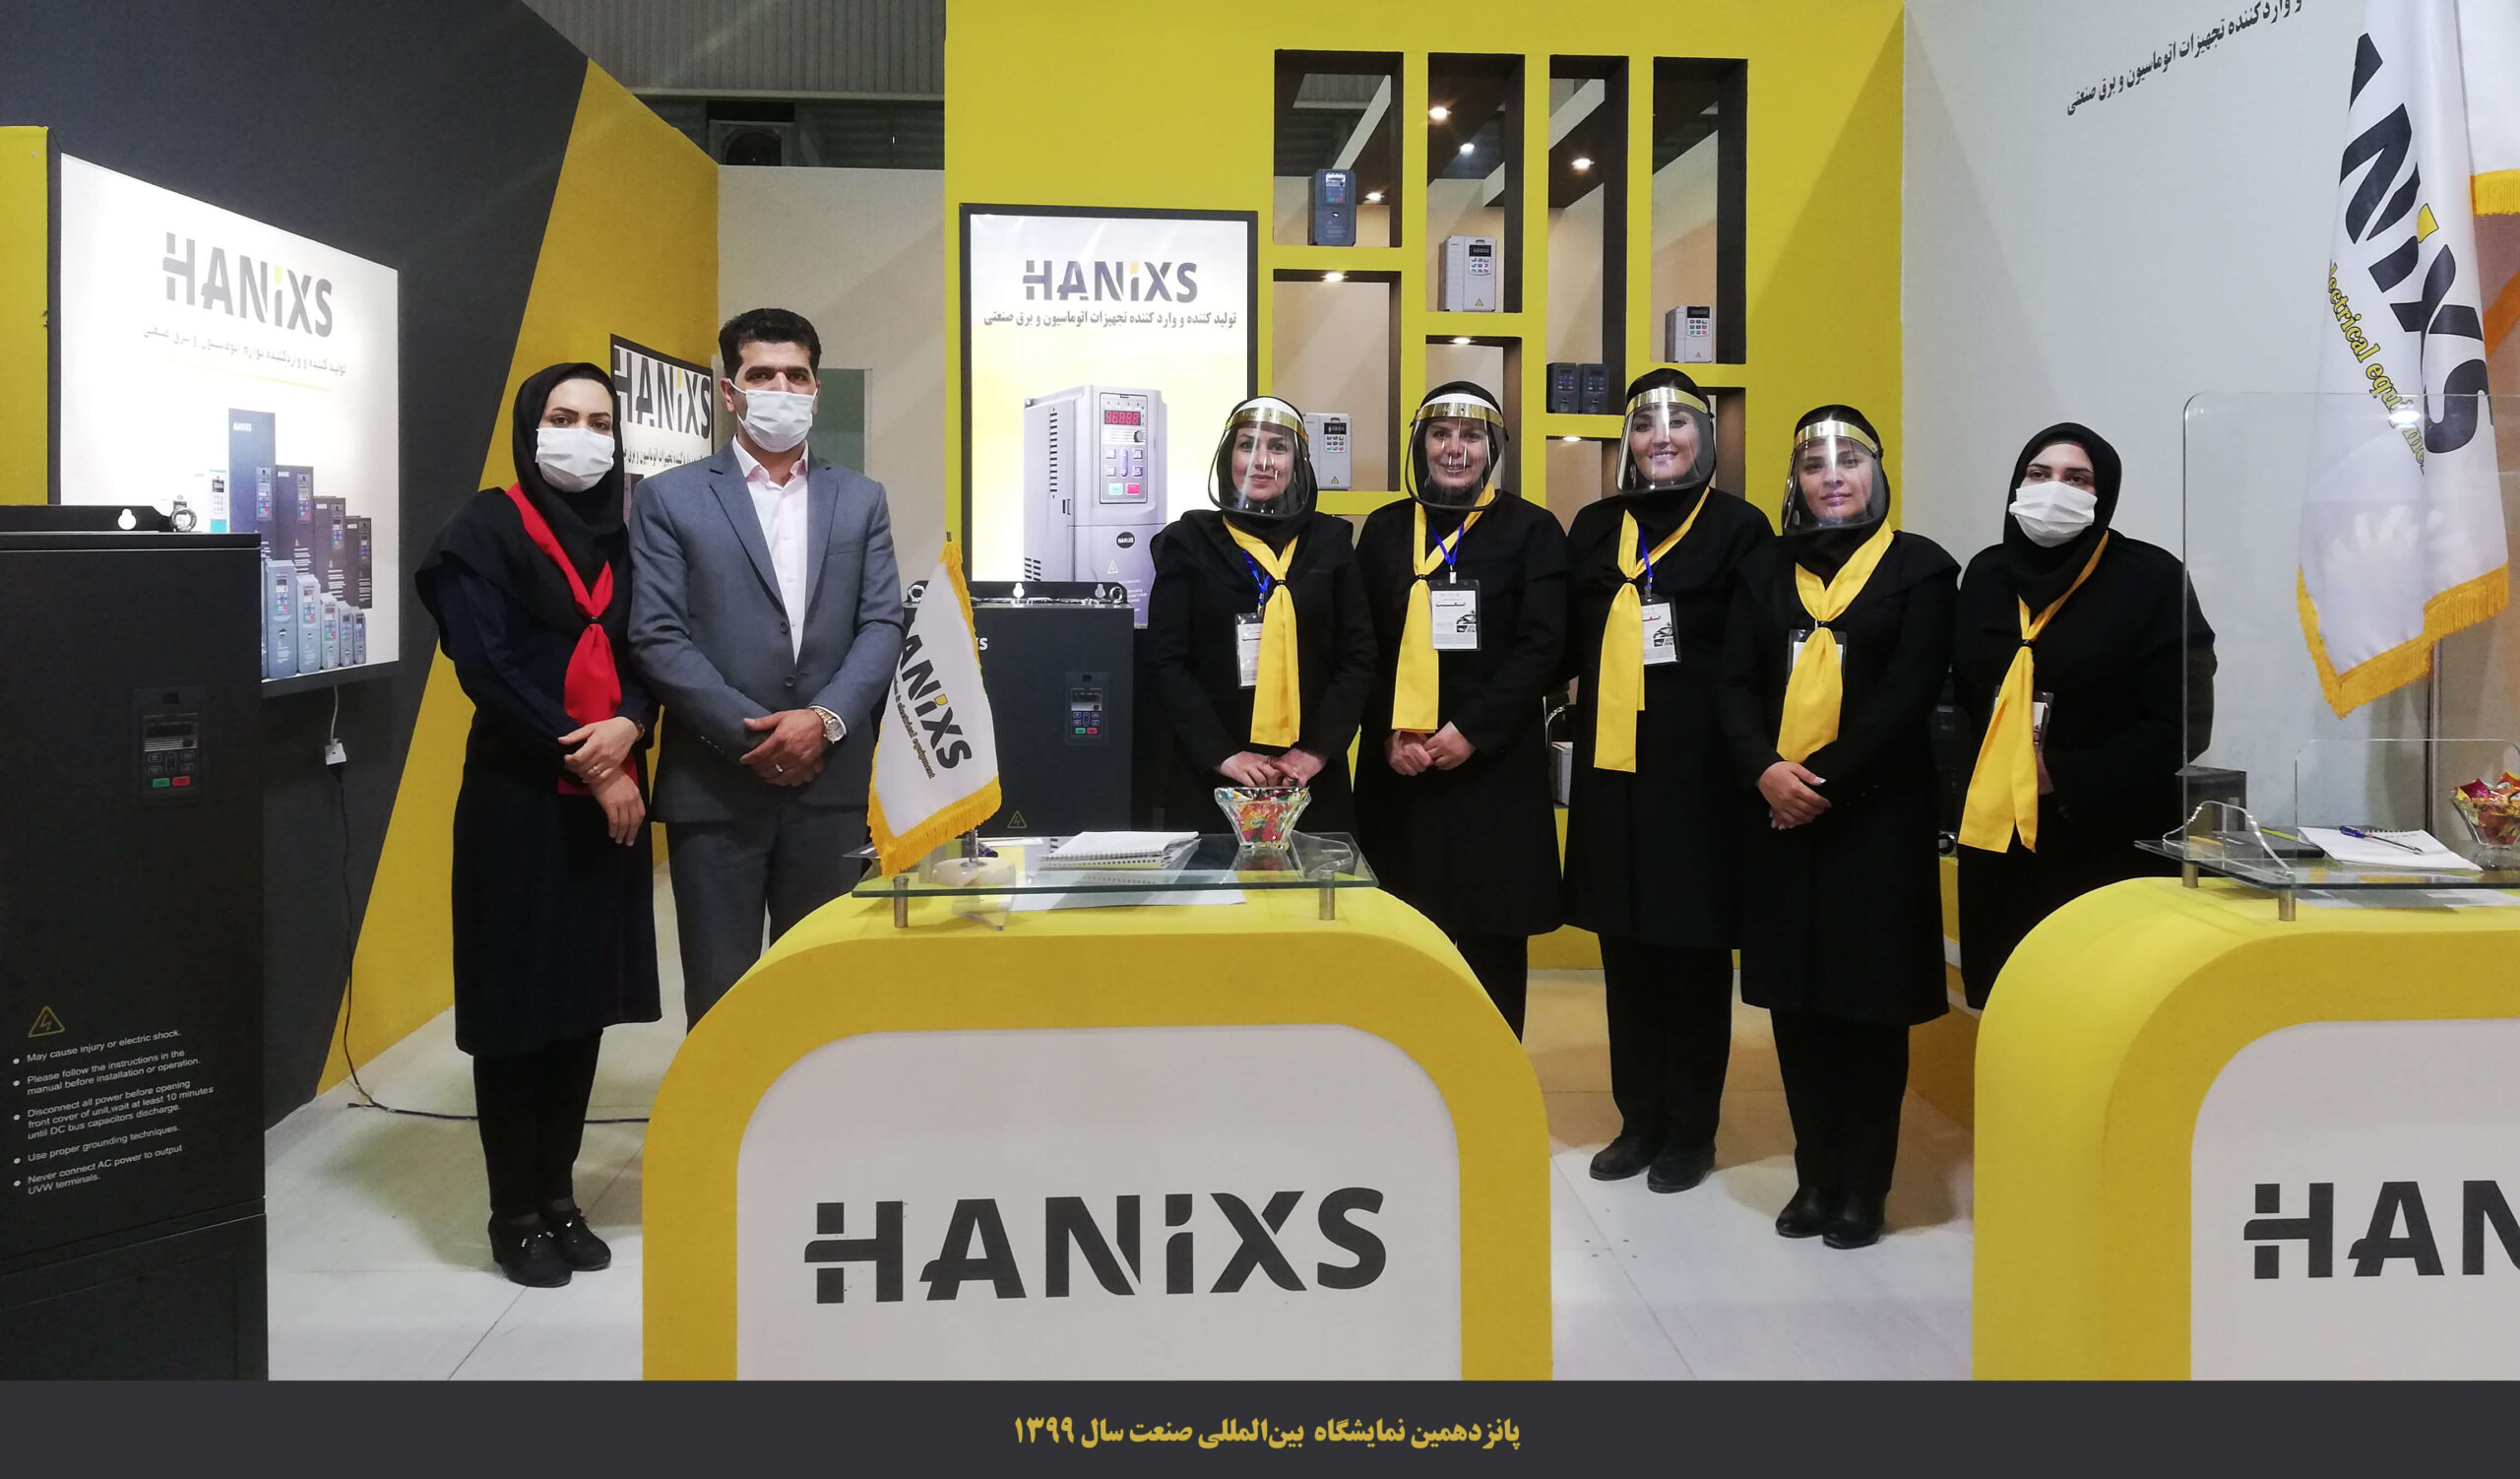 http://hanixs.com/